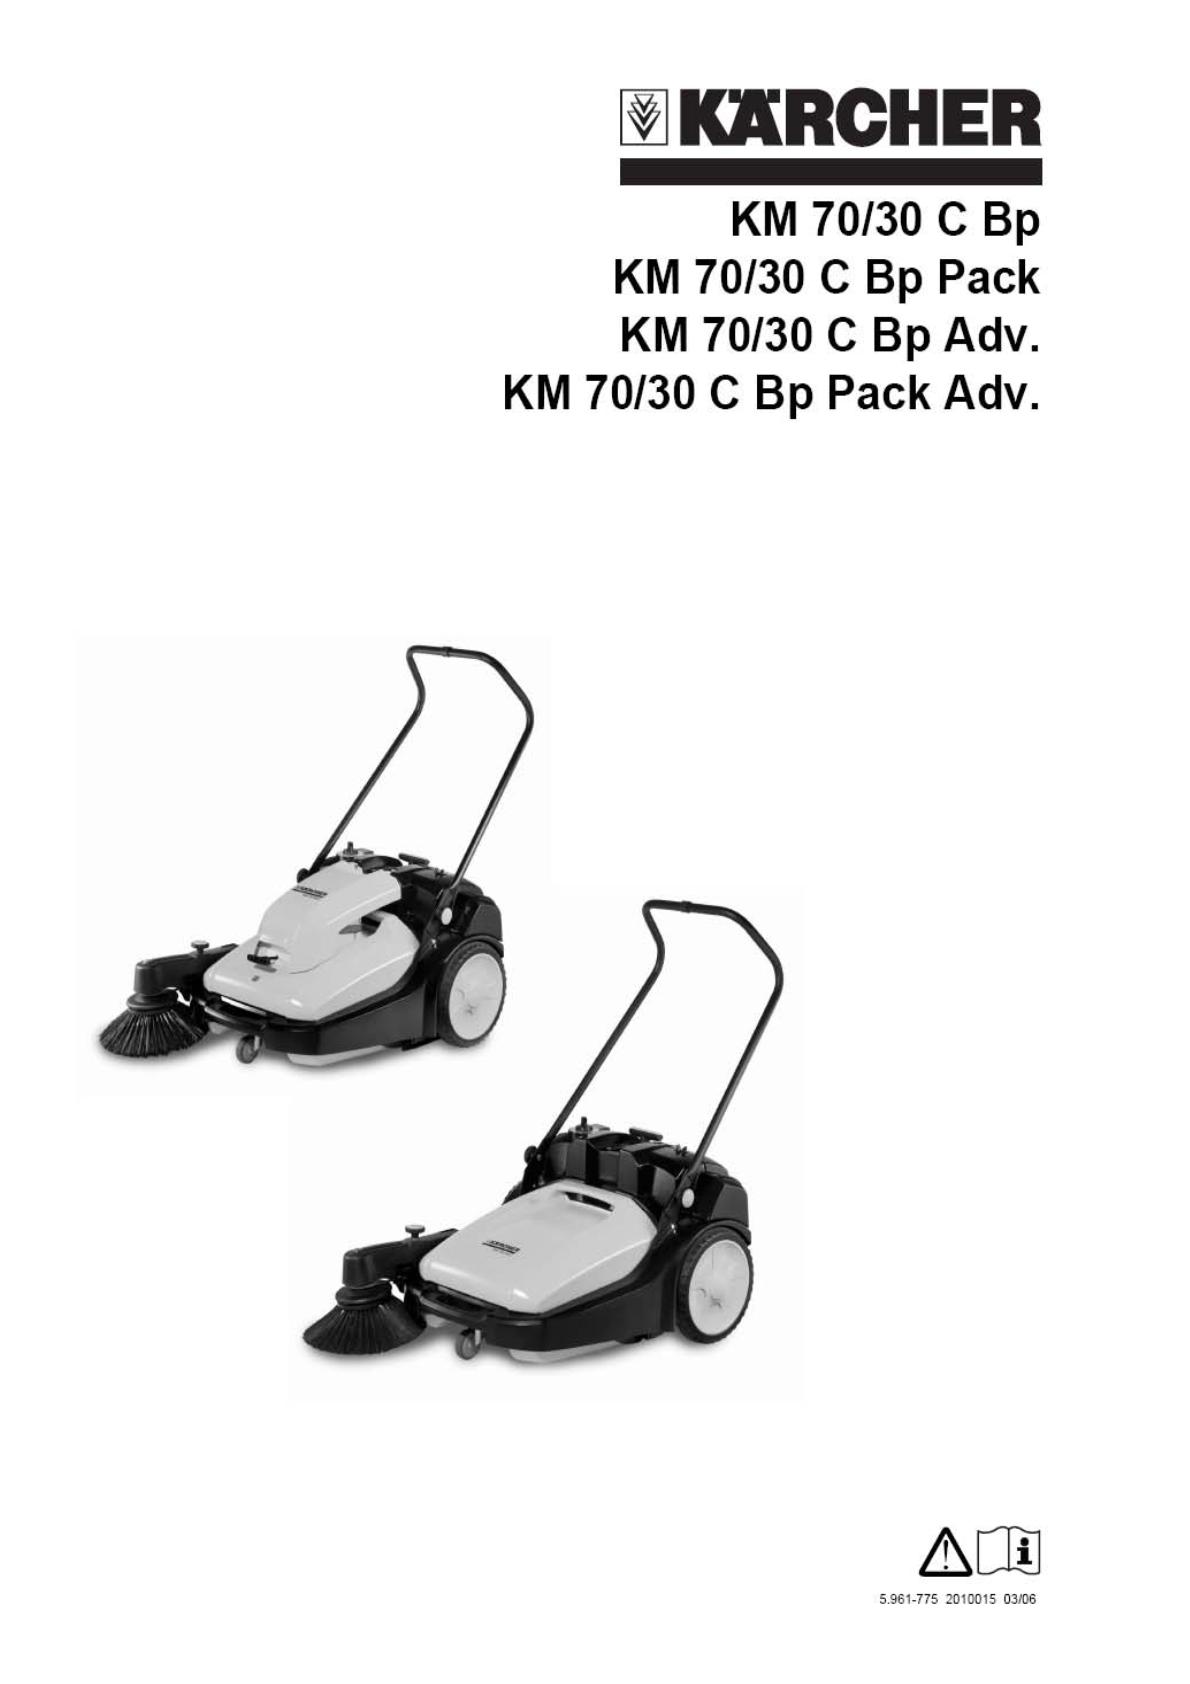 手推式扫地机 KM 70/30 C Bp Pack 说明书说明书下载